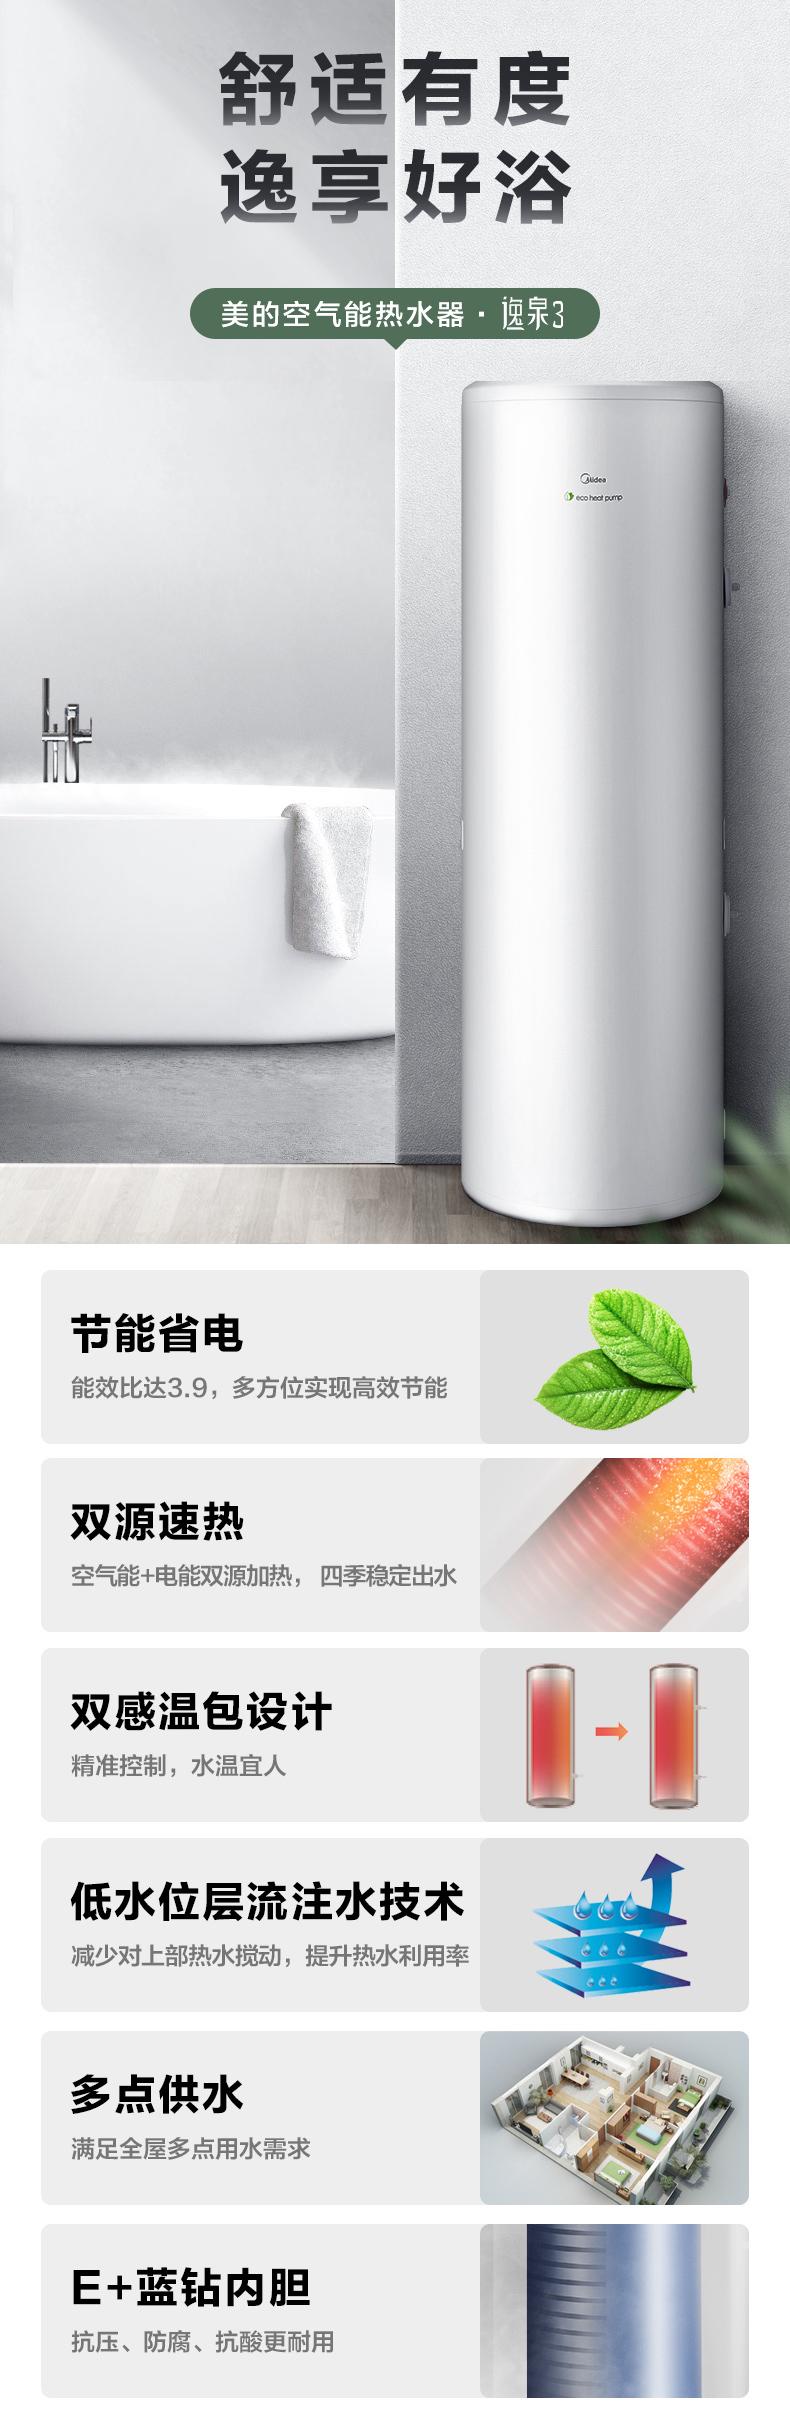 云南空气能热水器品牌